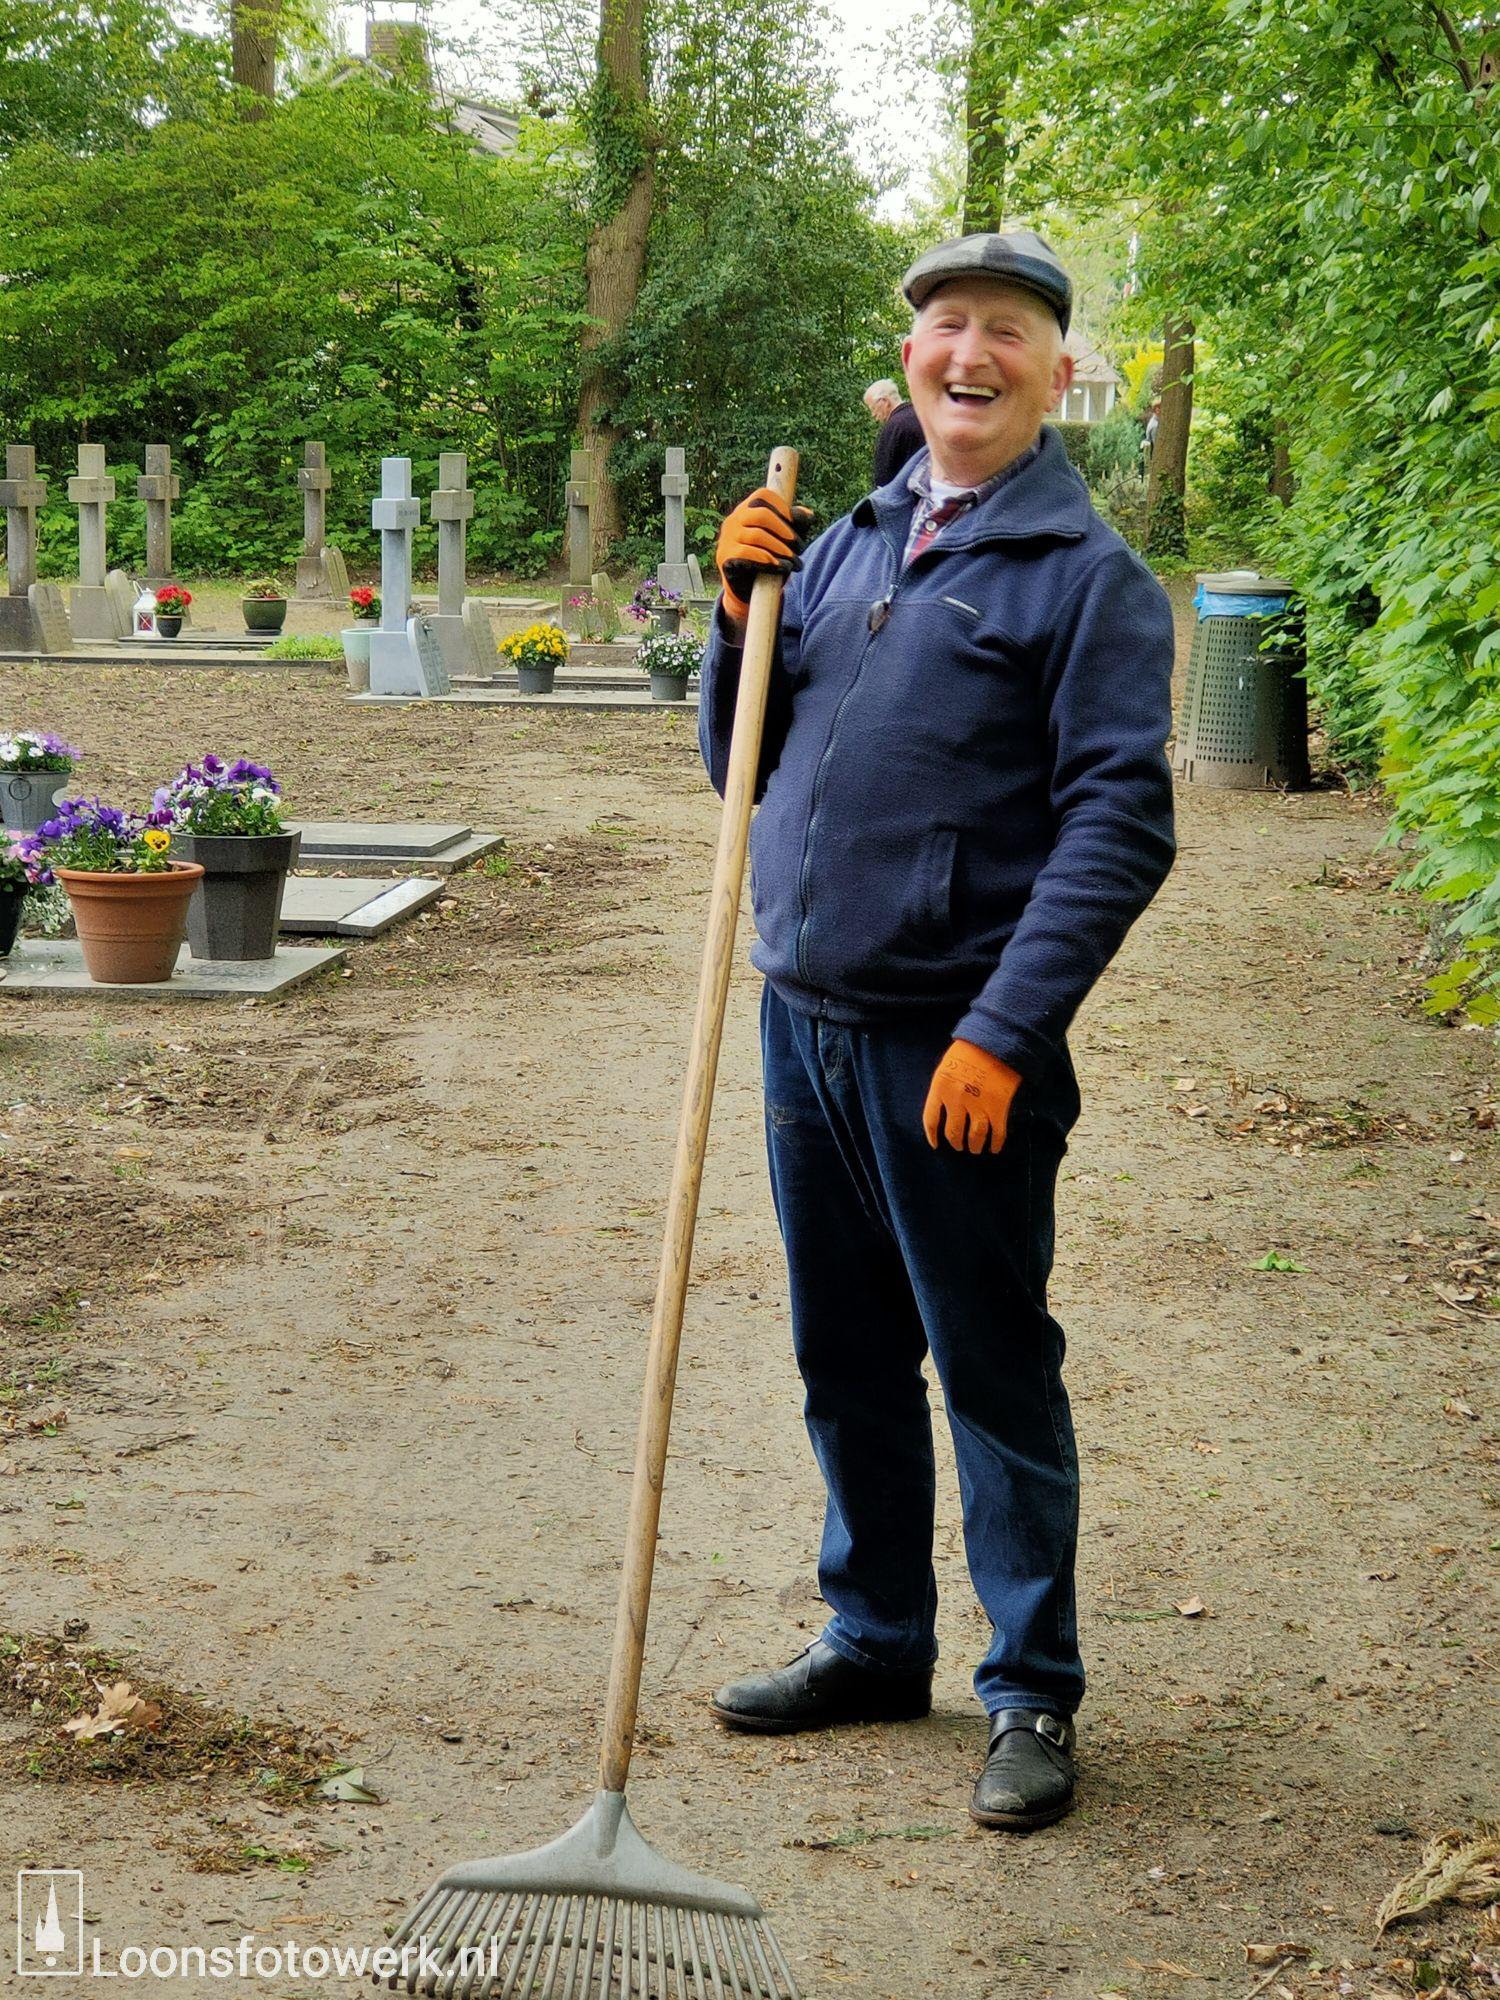 Henk van der Velden 14